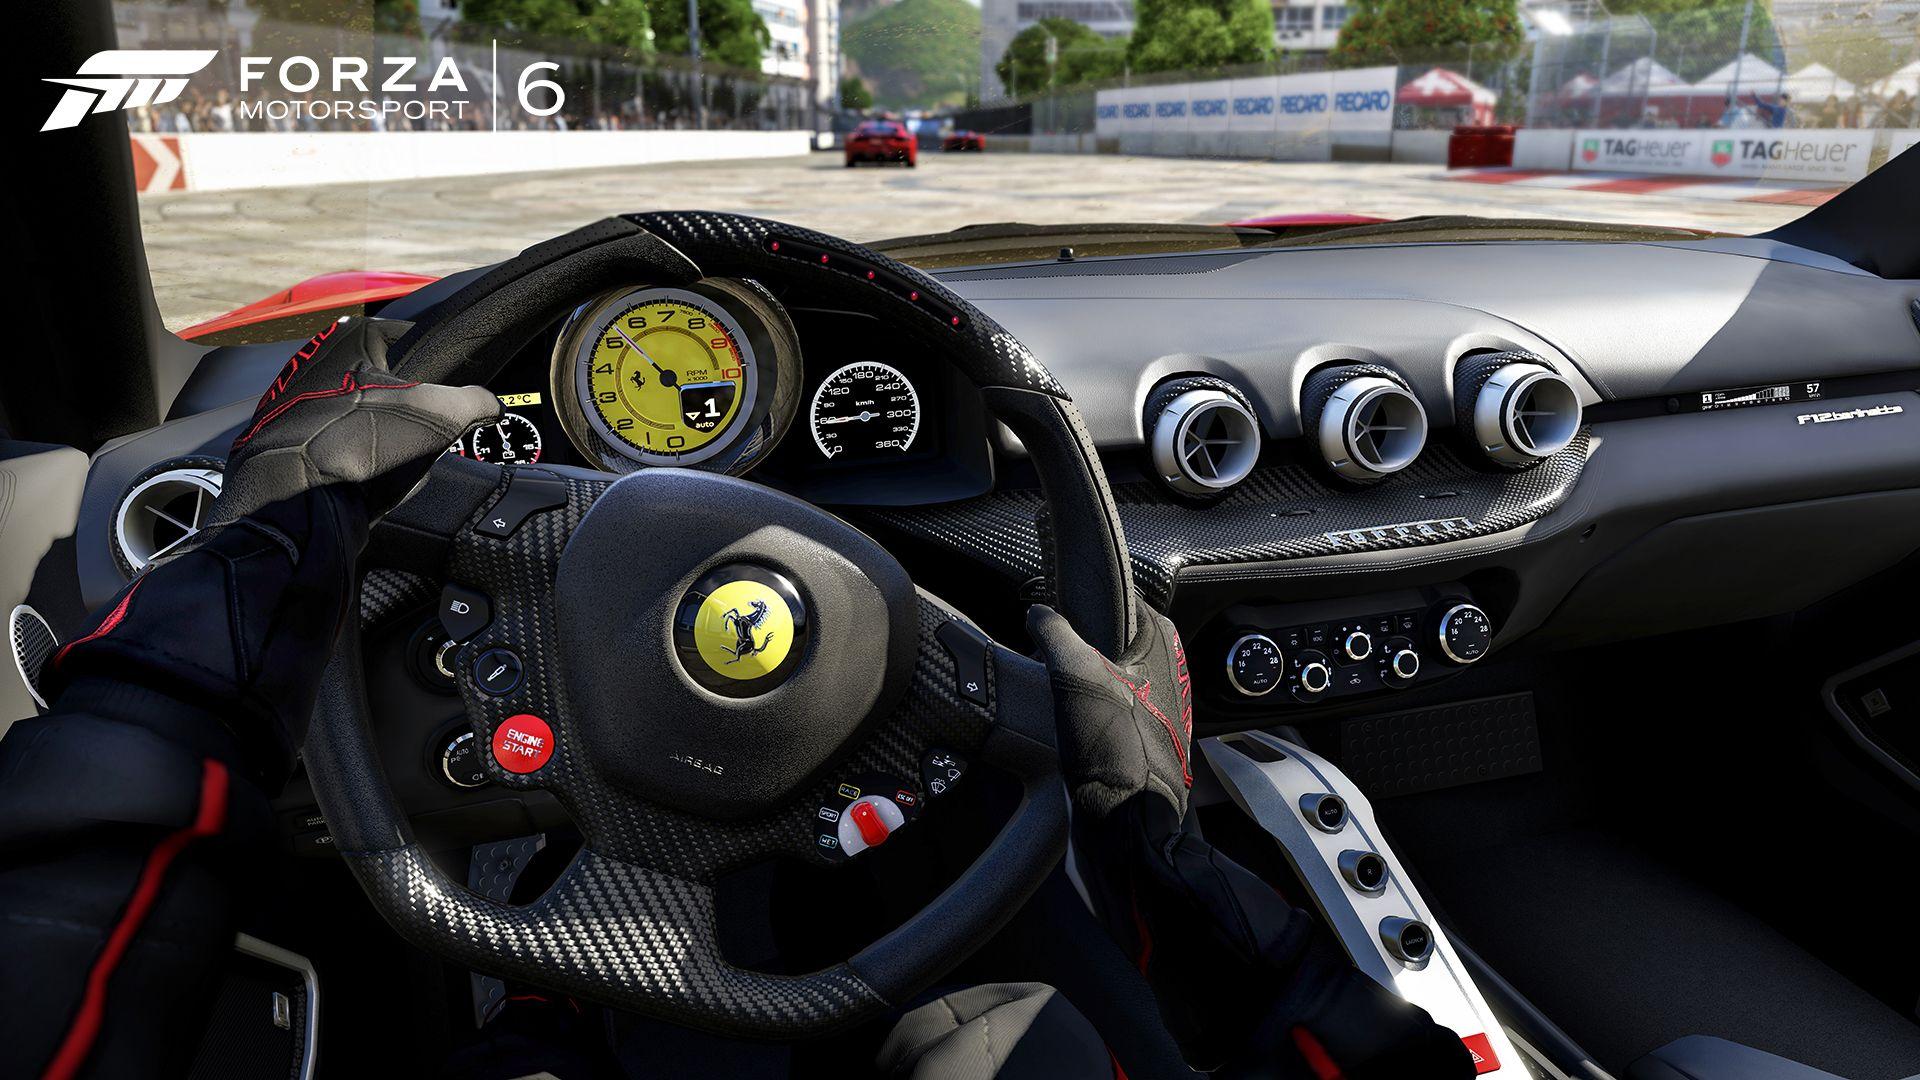 Detaily o tratích a autech ve Forza Motorsport 6 110365